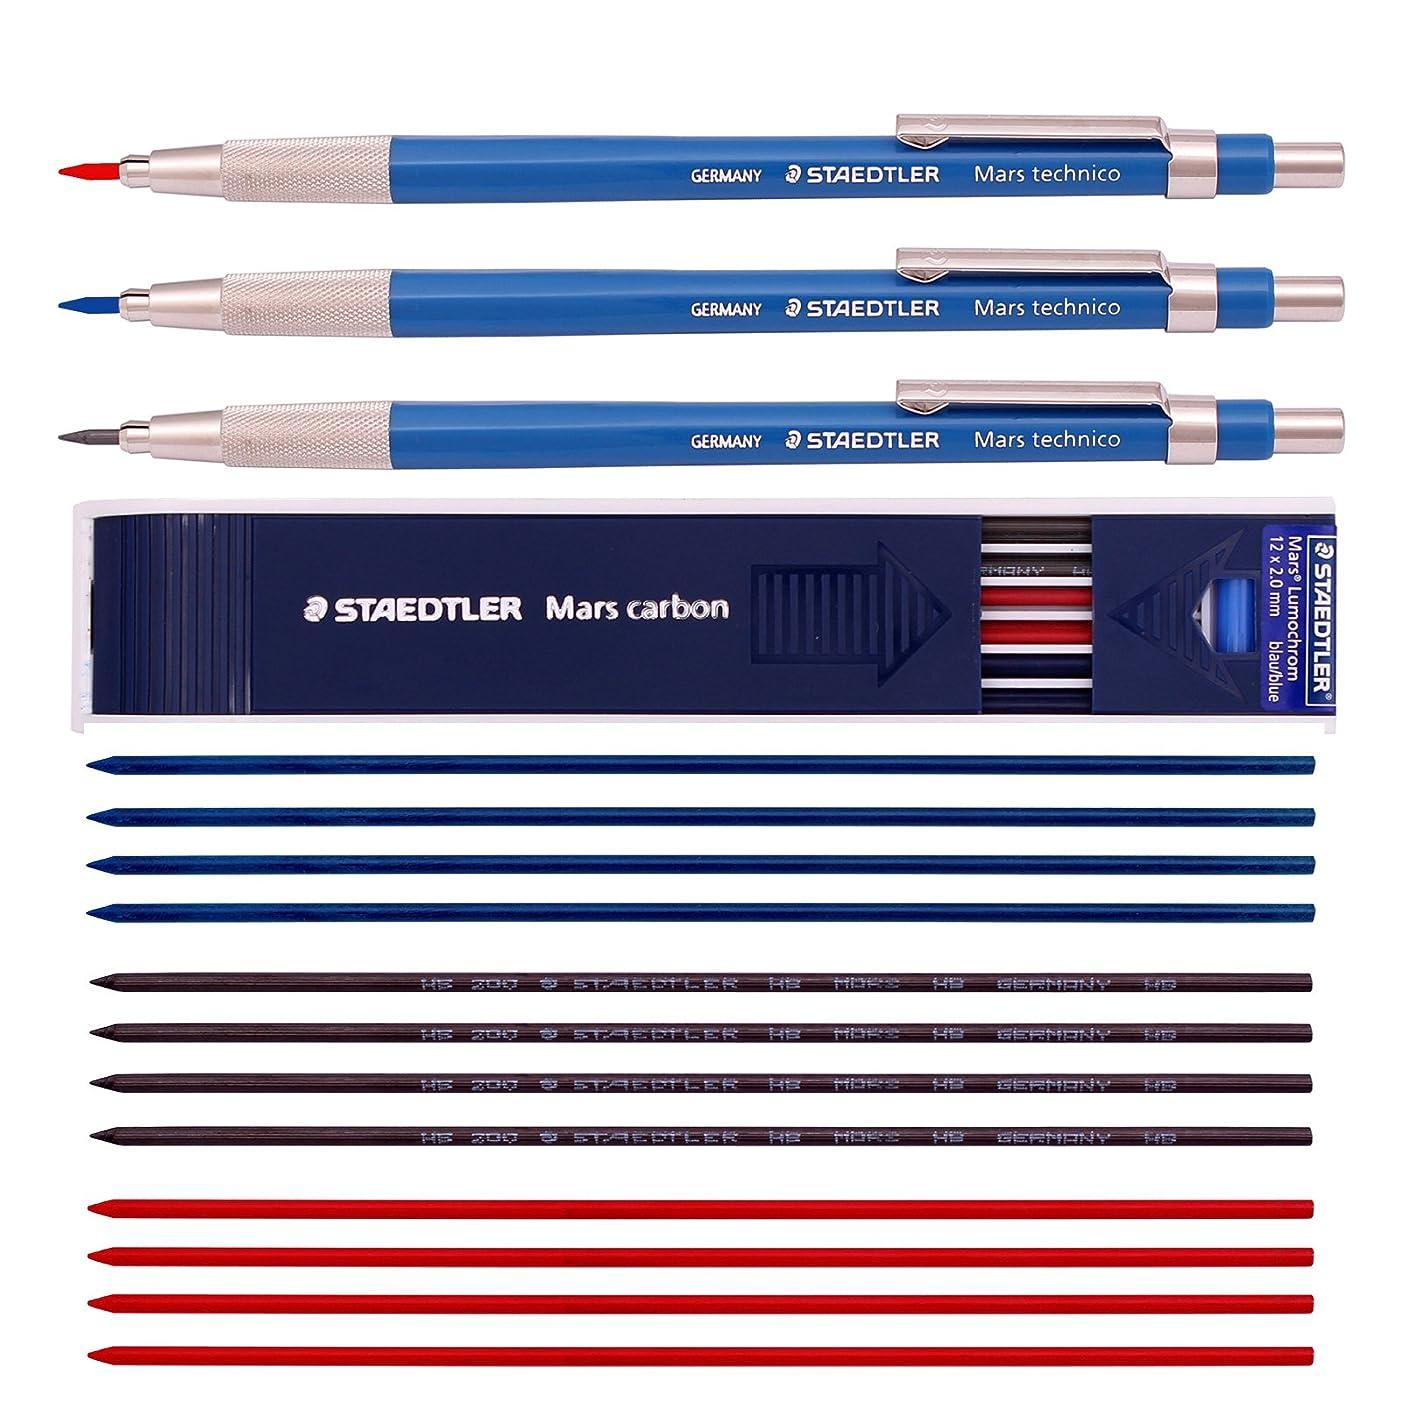 Staedtler Mars 780 Technical Mechanical Pencil, 2mm-3 Pencils,Carbon Lead 12 x 2 mm HB Color Mix(Blue 4 ea+Red 4 ea +Black 4 ea)